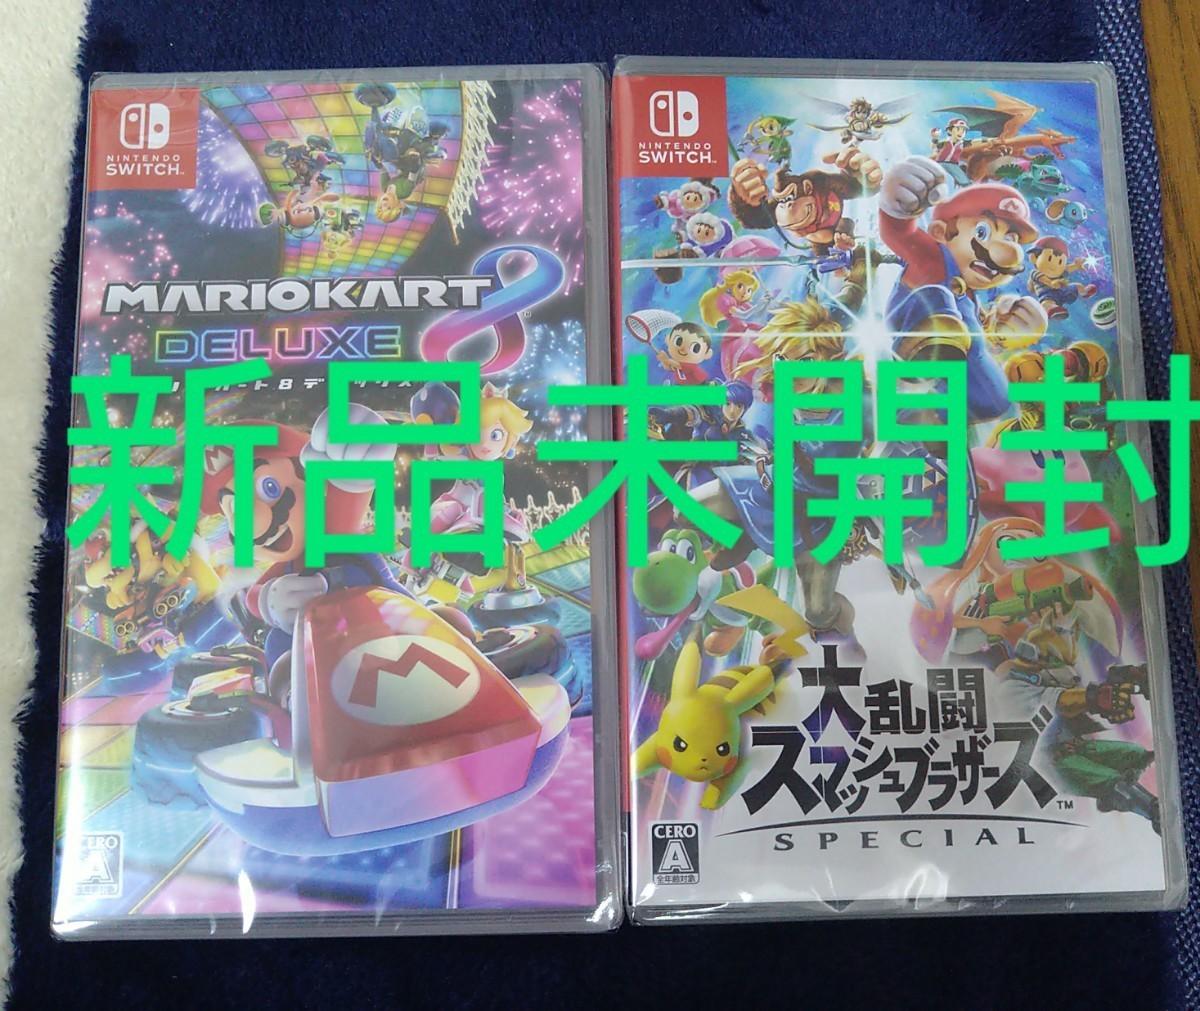 ☆新品未開封 大乱闘スマッシュブラザーズ special マリオカート 8 デラックス 2本セット ☆